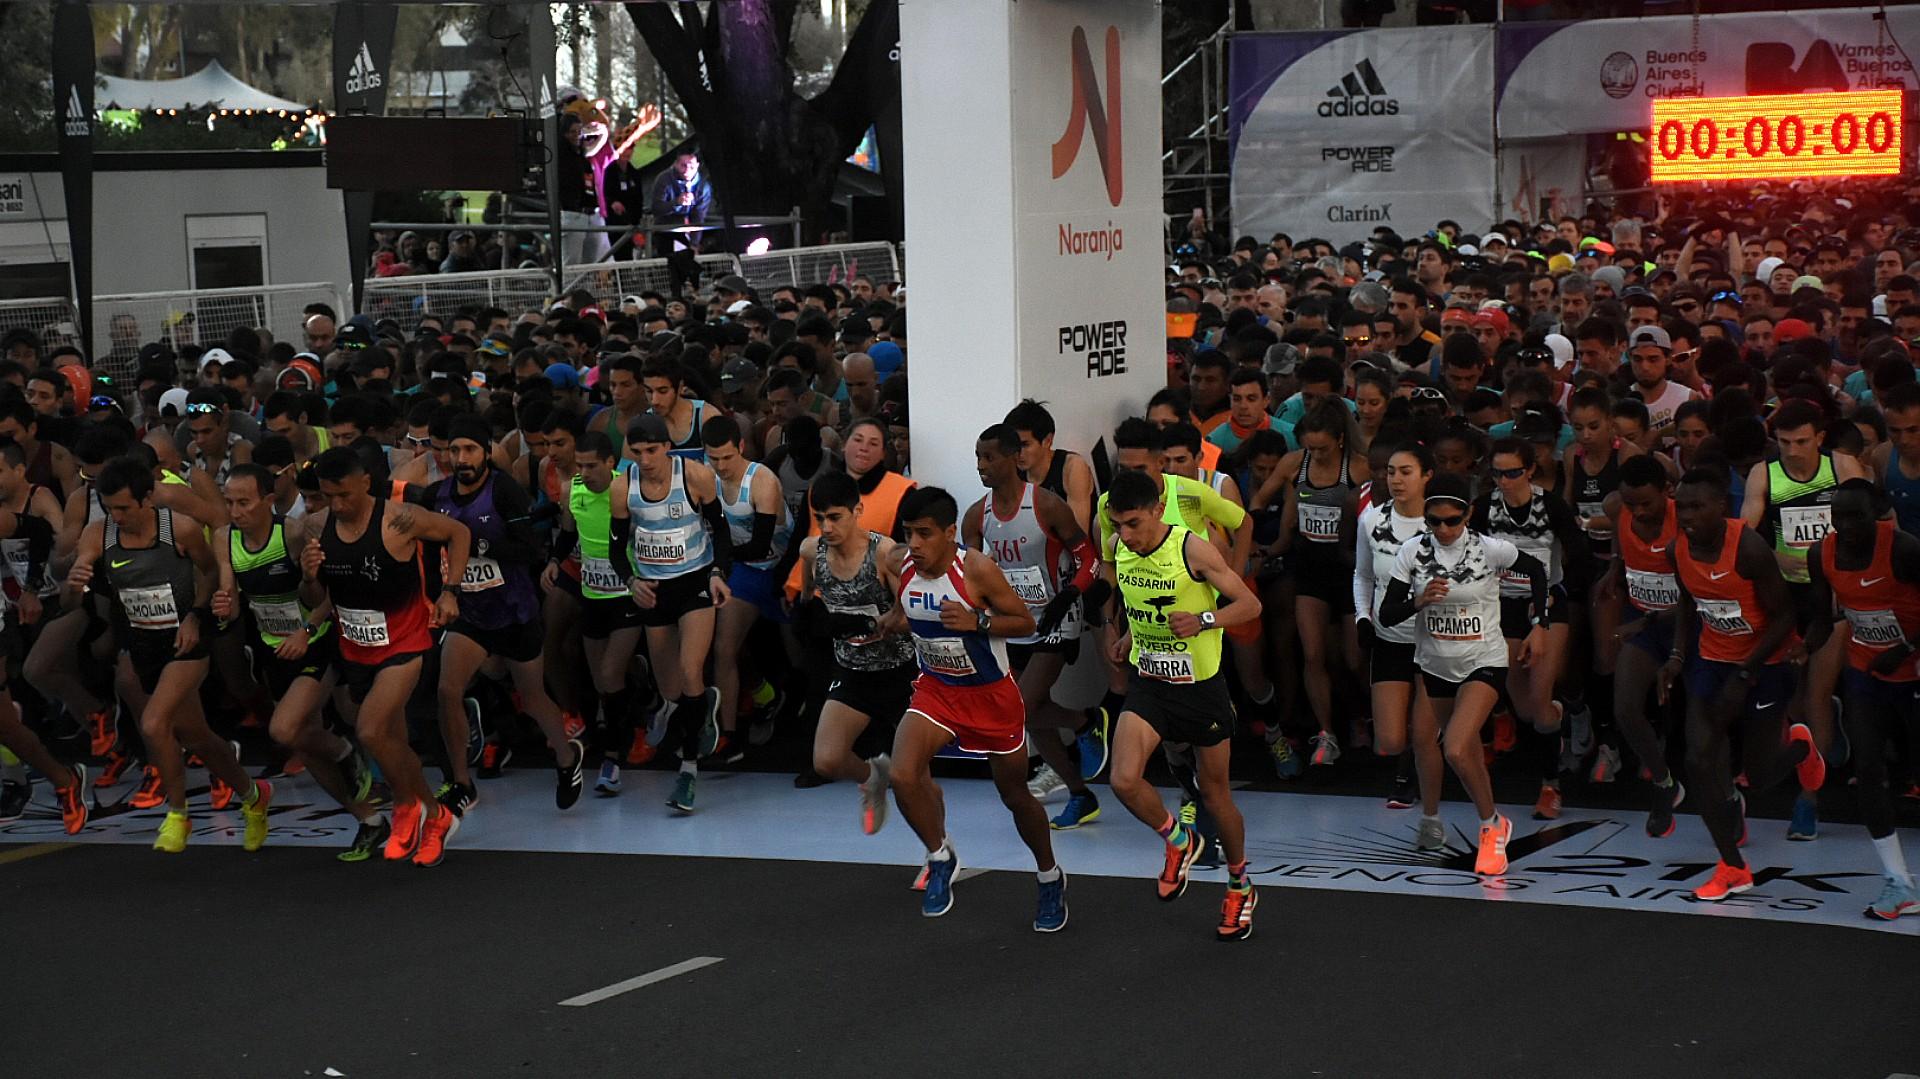 La carrera comenzó 7.30 en punto en Figueroa Alcorta y Monroe, que también sería la meta de llegada